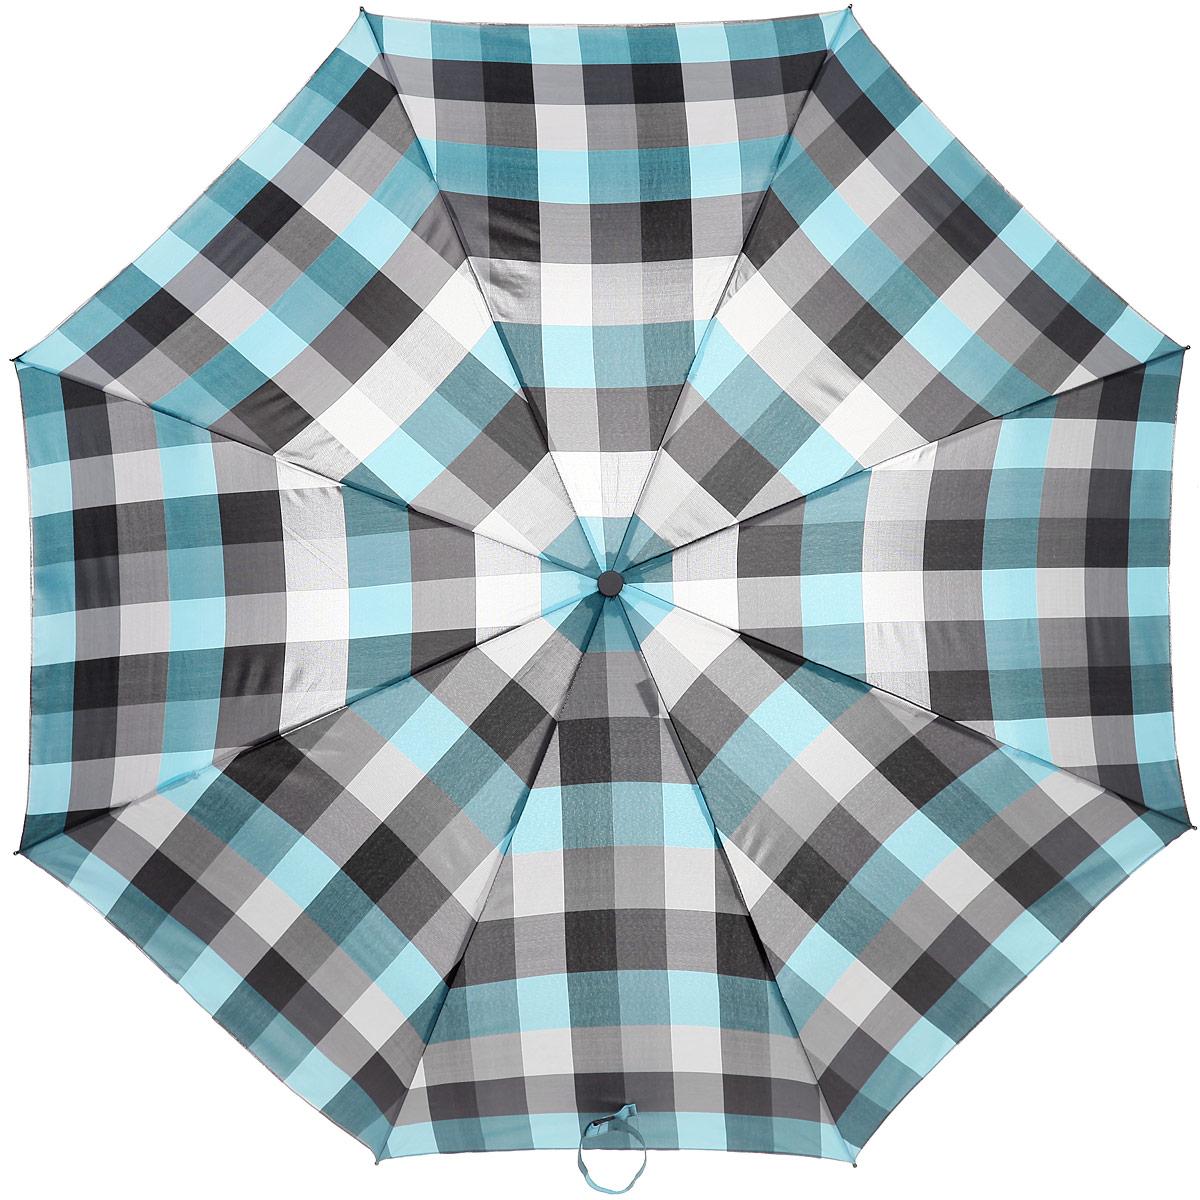 Зонт женский Labbra, автомат, 3 сложения, цвет: голубой, серый. A3-05-033A3-05-033Яркий зонт Labbra оформлен оригинальным клетчатым принтом. Каркас зонта изготовлен из стали и фибергласса, содержит восемь спиц, а также дополнен эргономичной рукояткой из пластика. Купол выполнен из полиэстера с водоотталкивающей пропиткой. Зонт имеет автоматический механизм сложения: купол открывается и закрывается нажатием кнопки на рукоятке, стержень складывается вручную до характерного щелчка, благодаря чему открыть и закрыть зонт можно одной рукой, что чрезвычайно удобно при входе в транспорт или помещение. Рукоятка дополнена удобной петлей. К зонту прилагается чехол. Практичный аксессуар даже в ненастную погоду позволит вам оставаться стильной и элегантной.